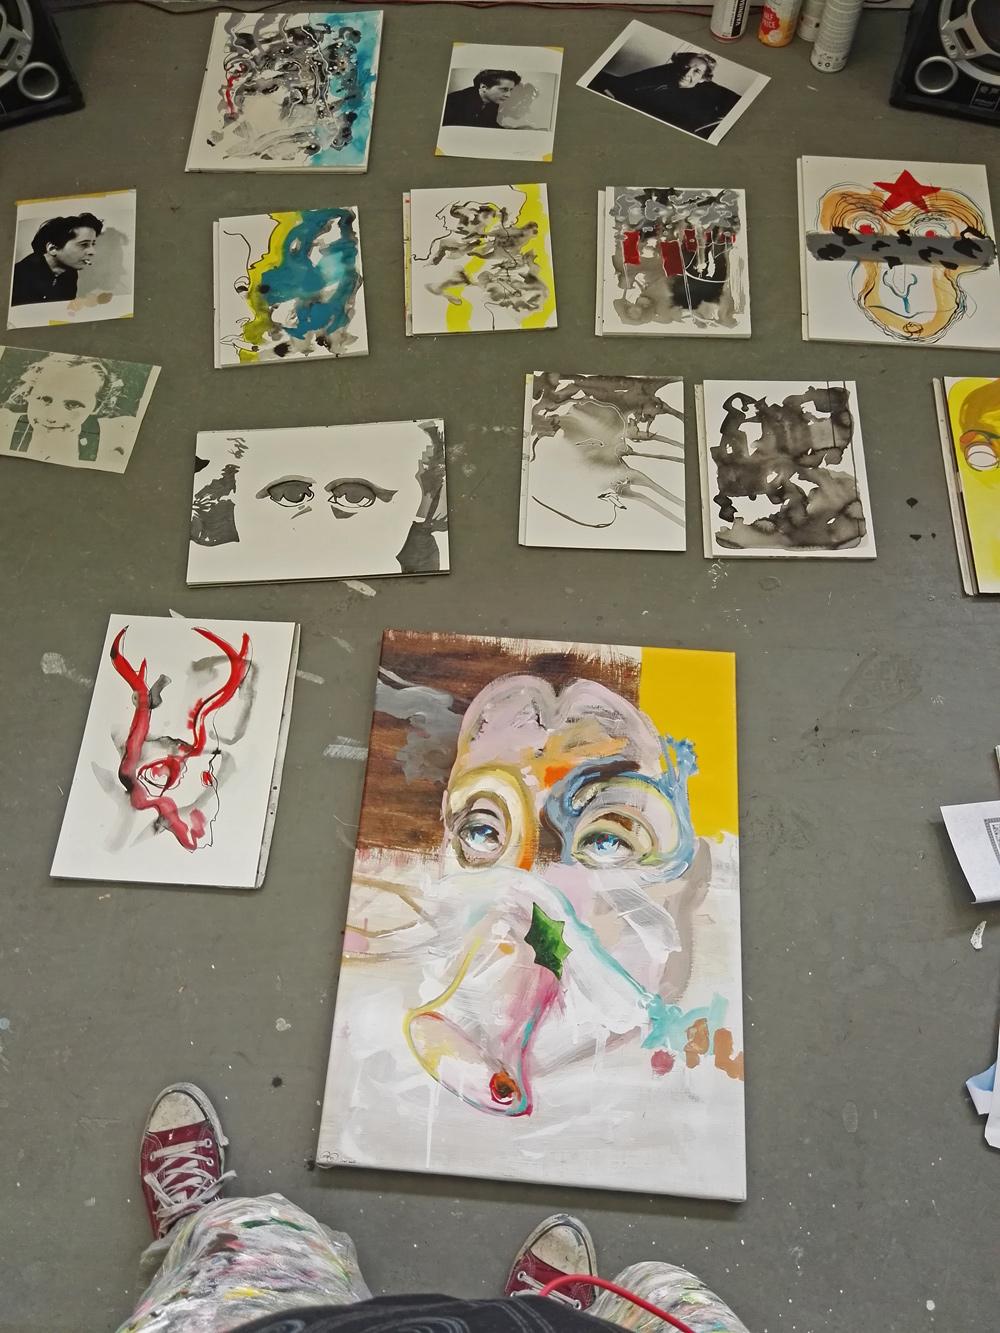 atelier-marijebijl-snapshot01